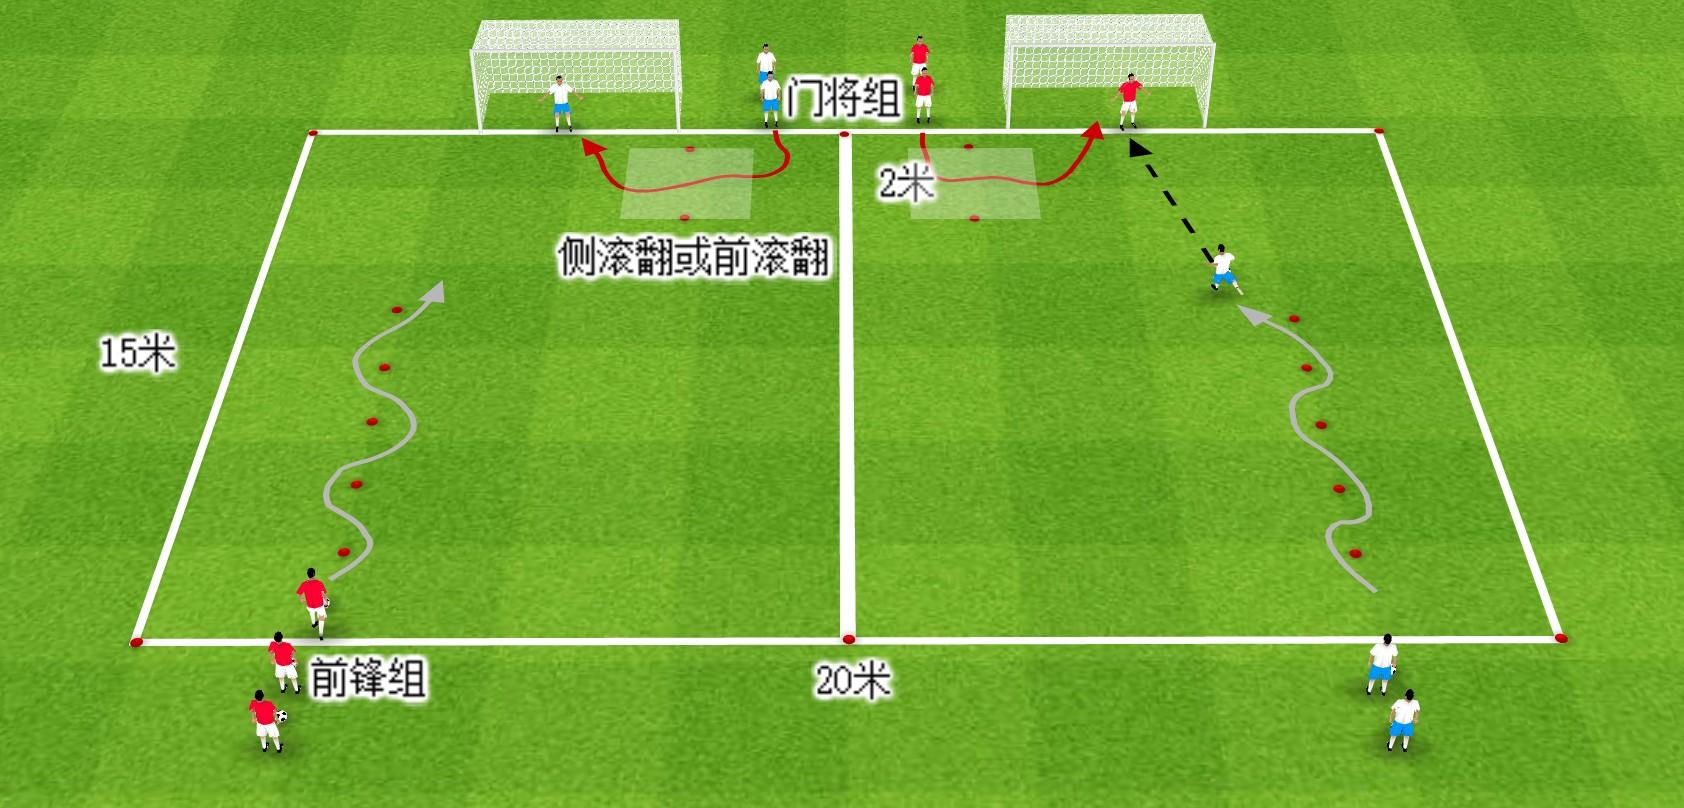 足球教案:提高球员实战中控球能力的一套训练